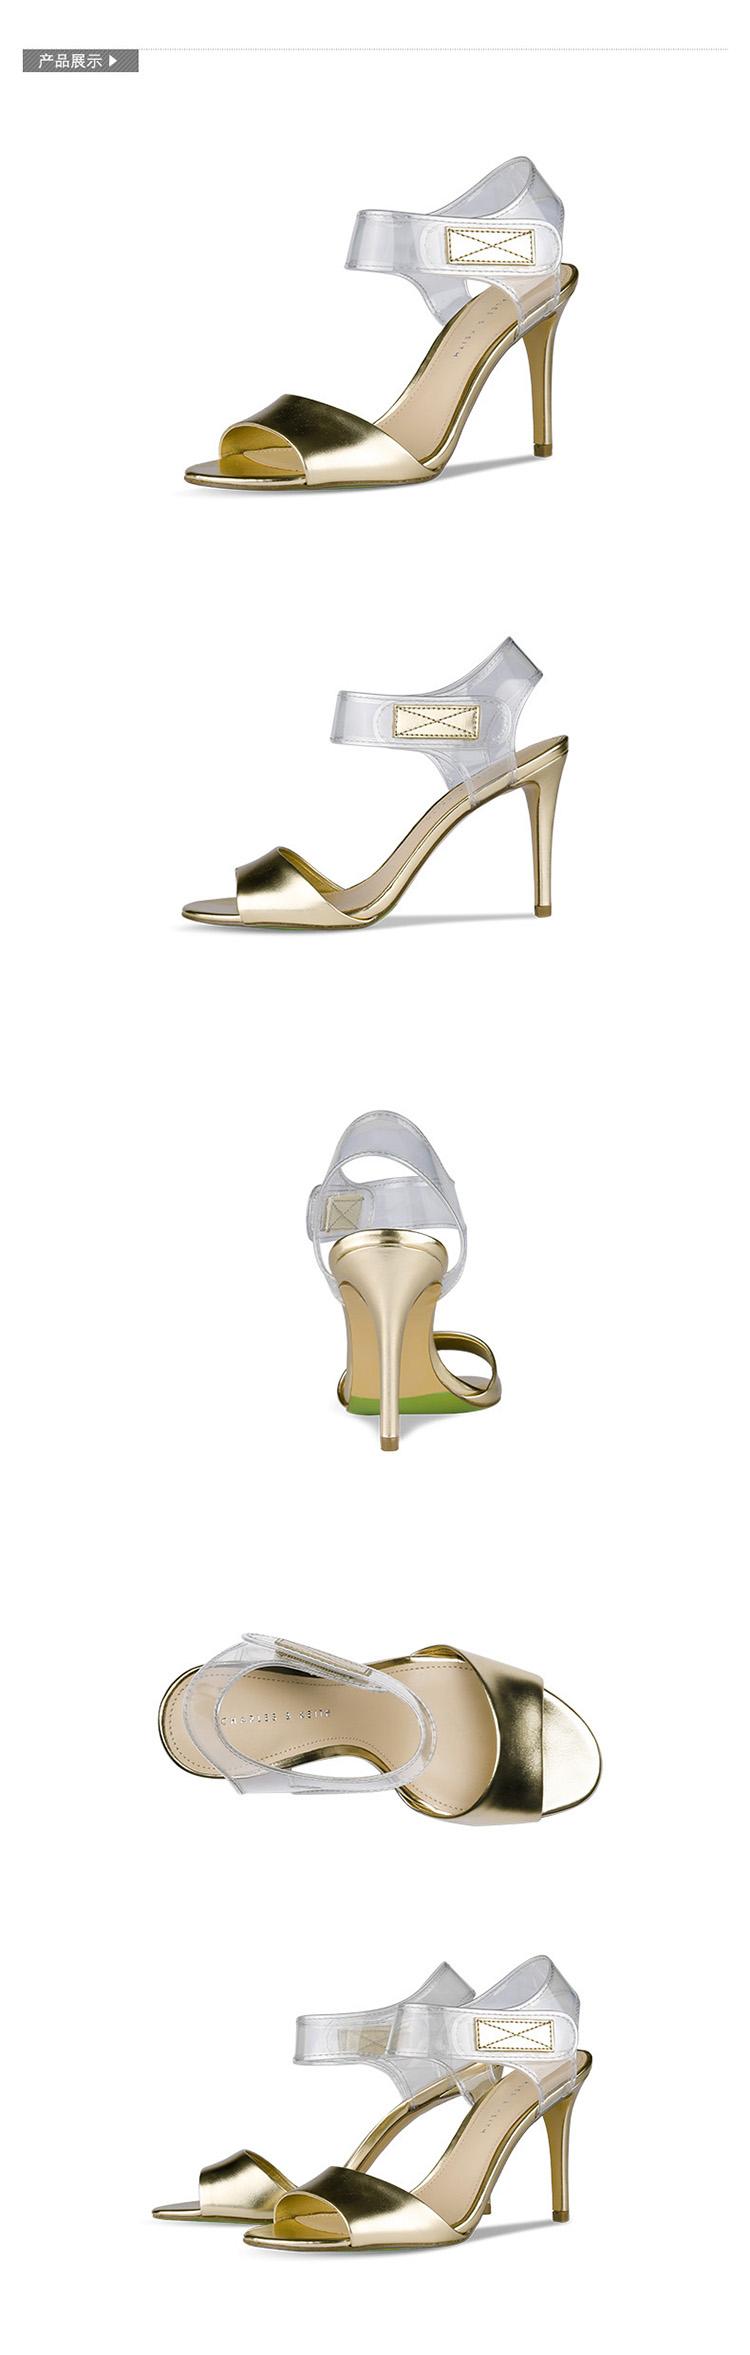 charles&keith2014夏季新款女鞋时尚透明细高跟凉鞋